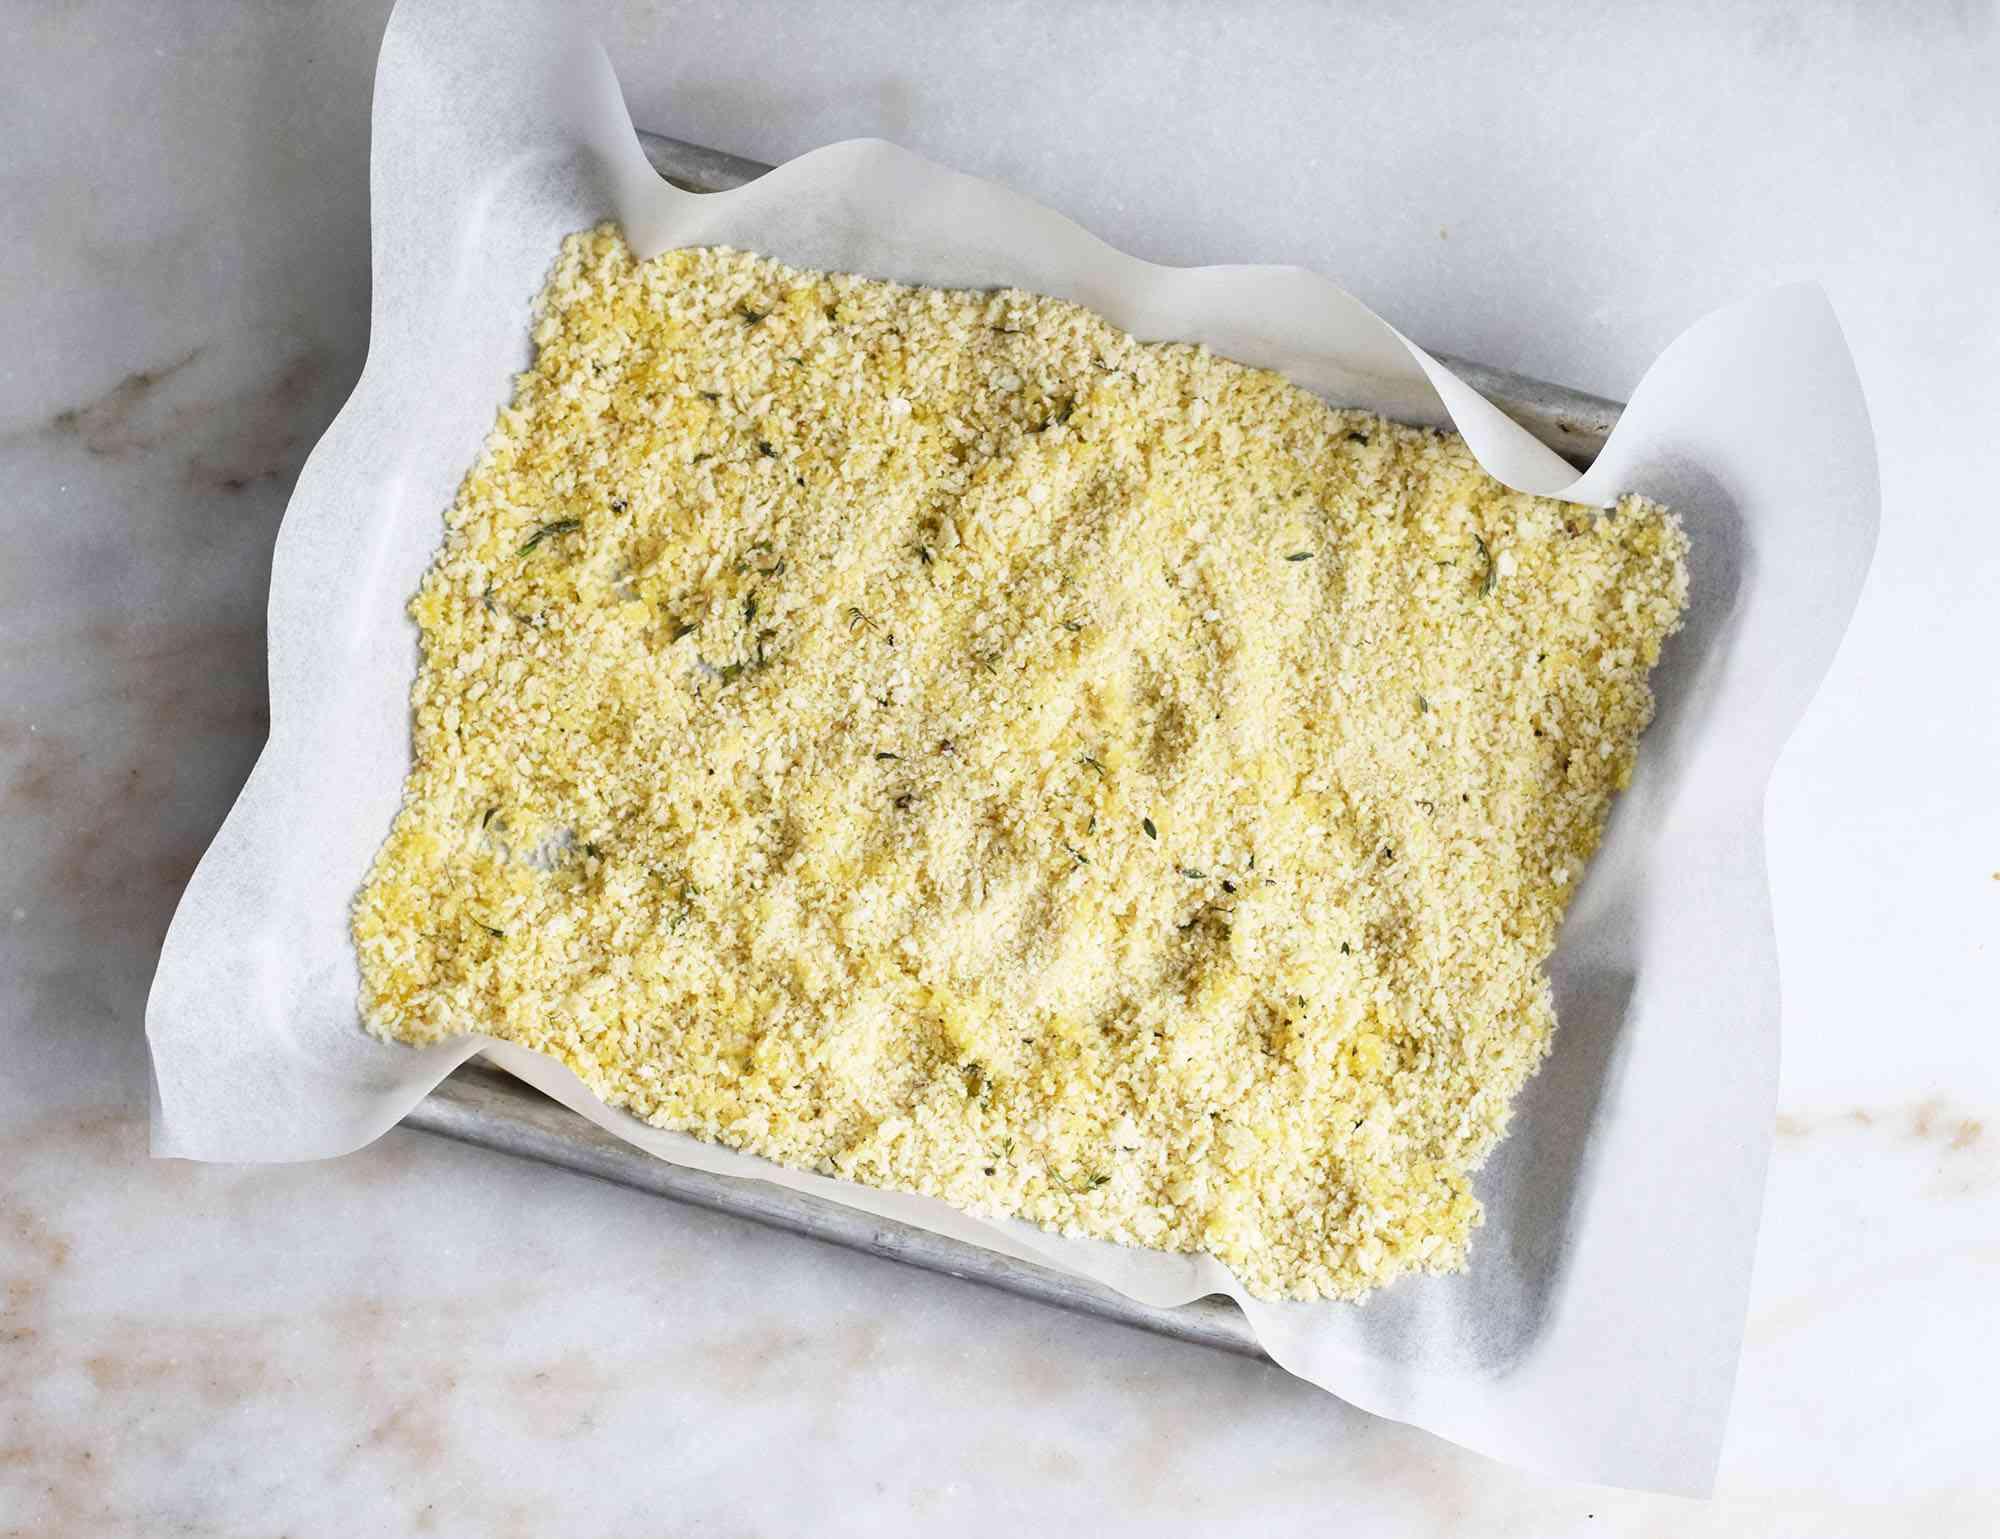 breadcrumbs on a sheet pan